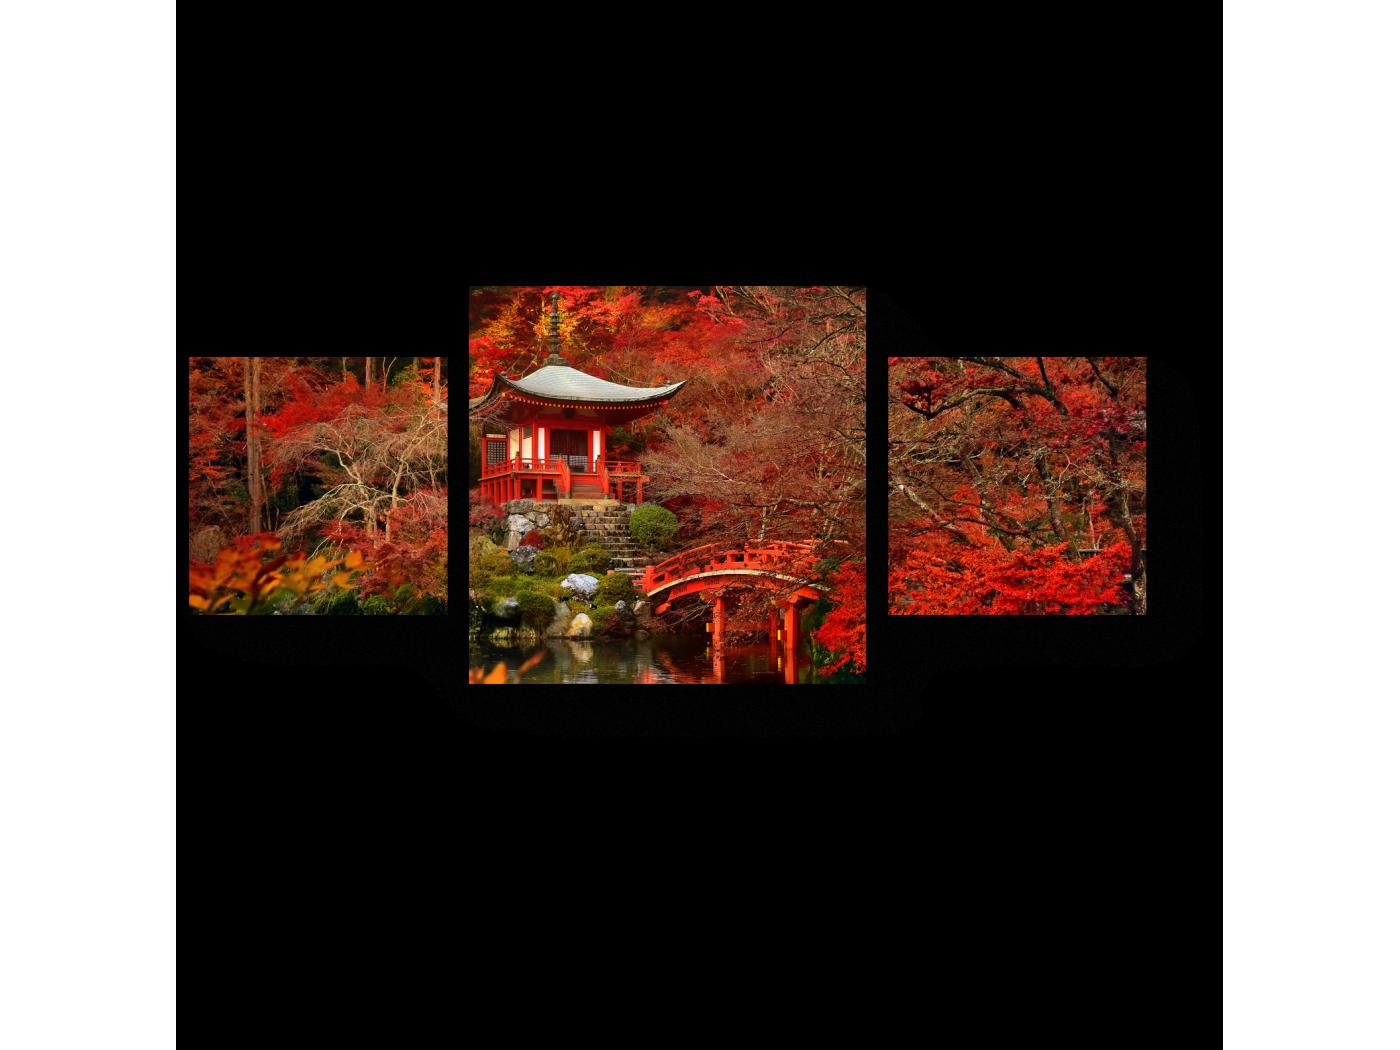 Модульная картина Красная осень в Киото (70x30) фото